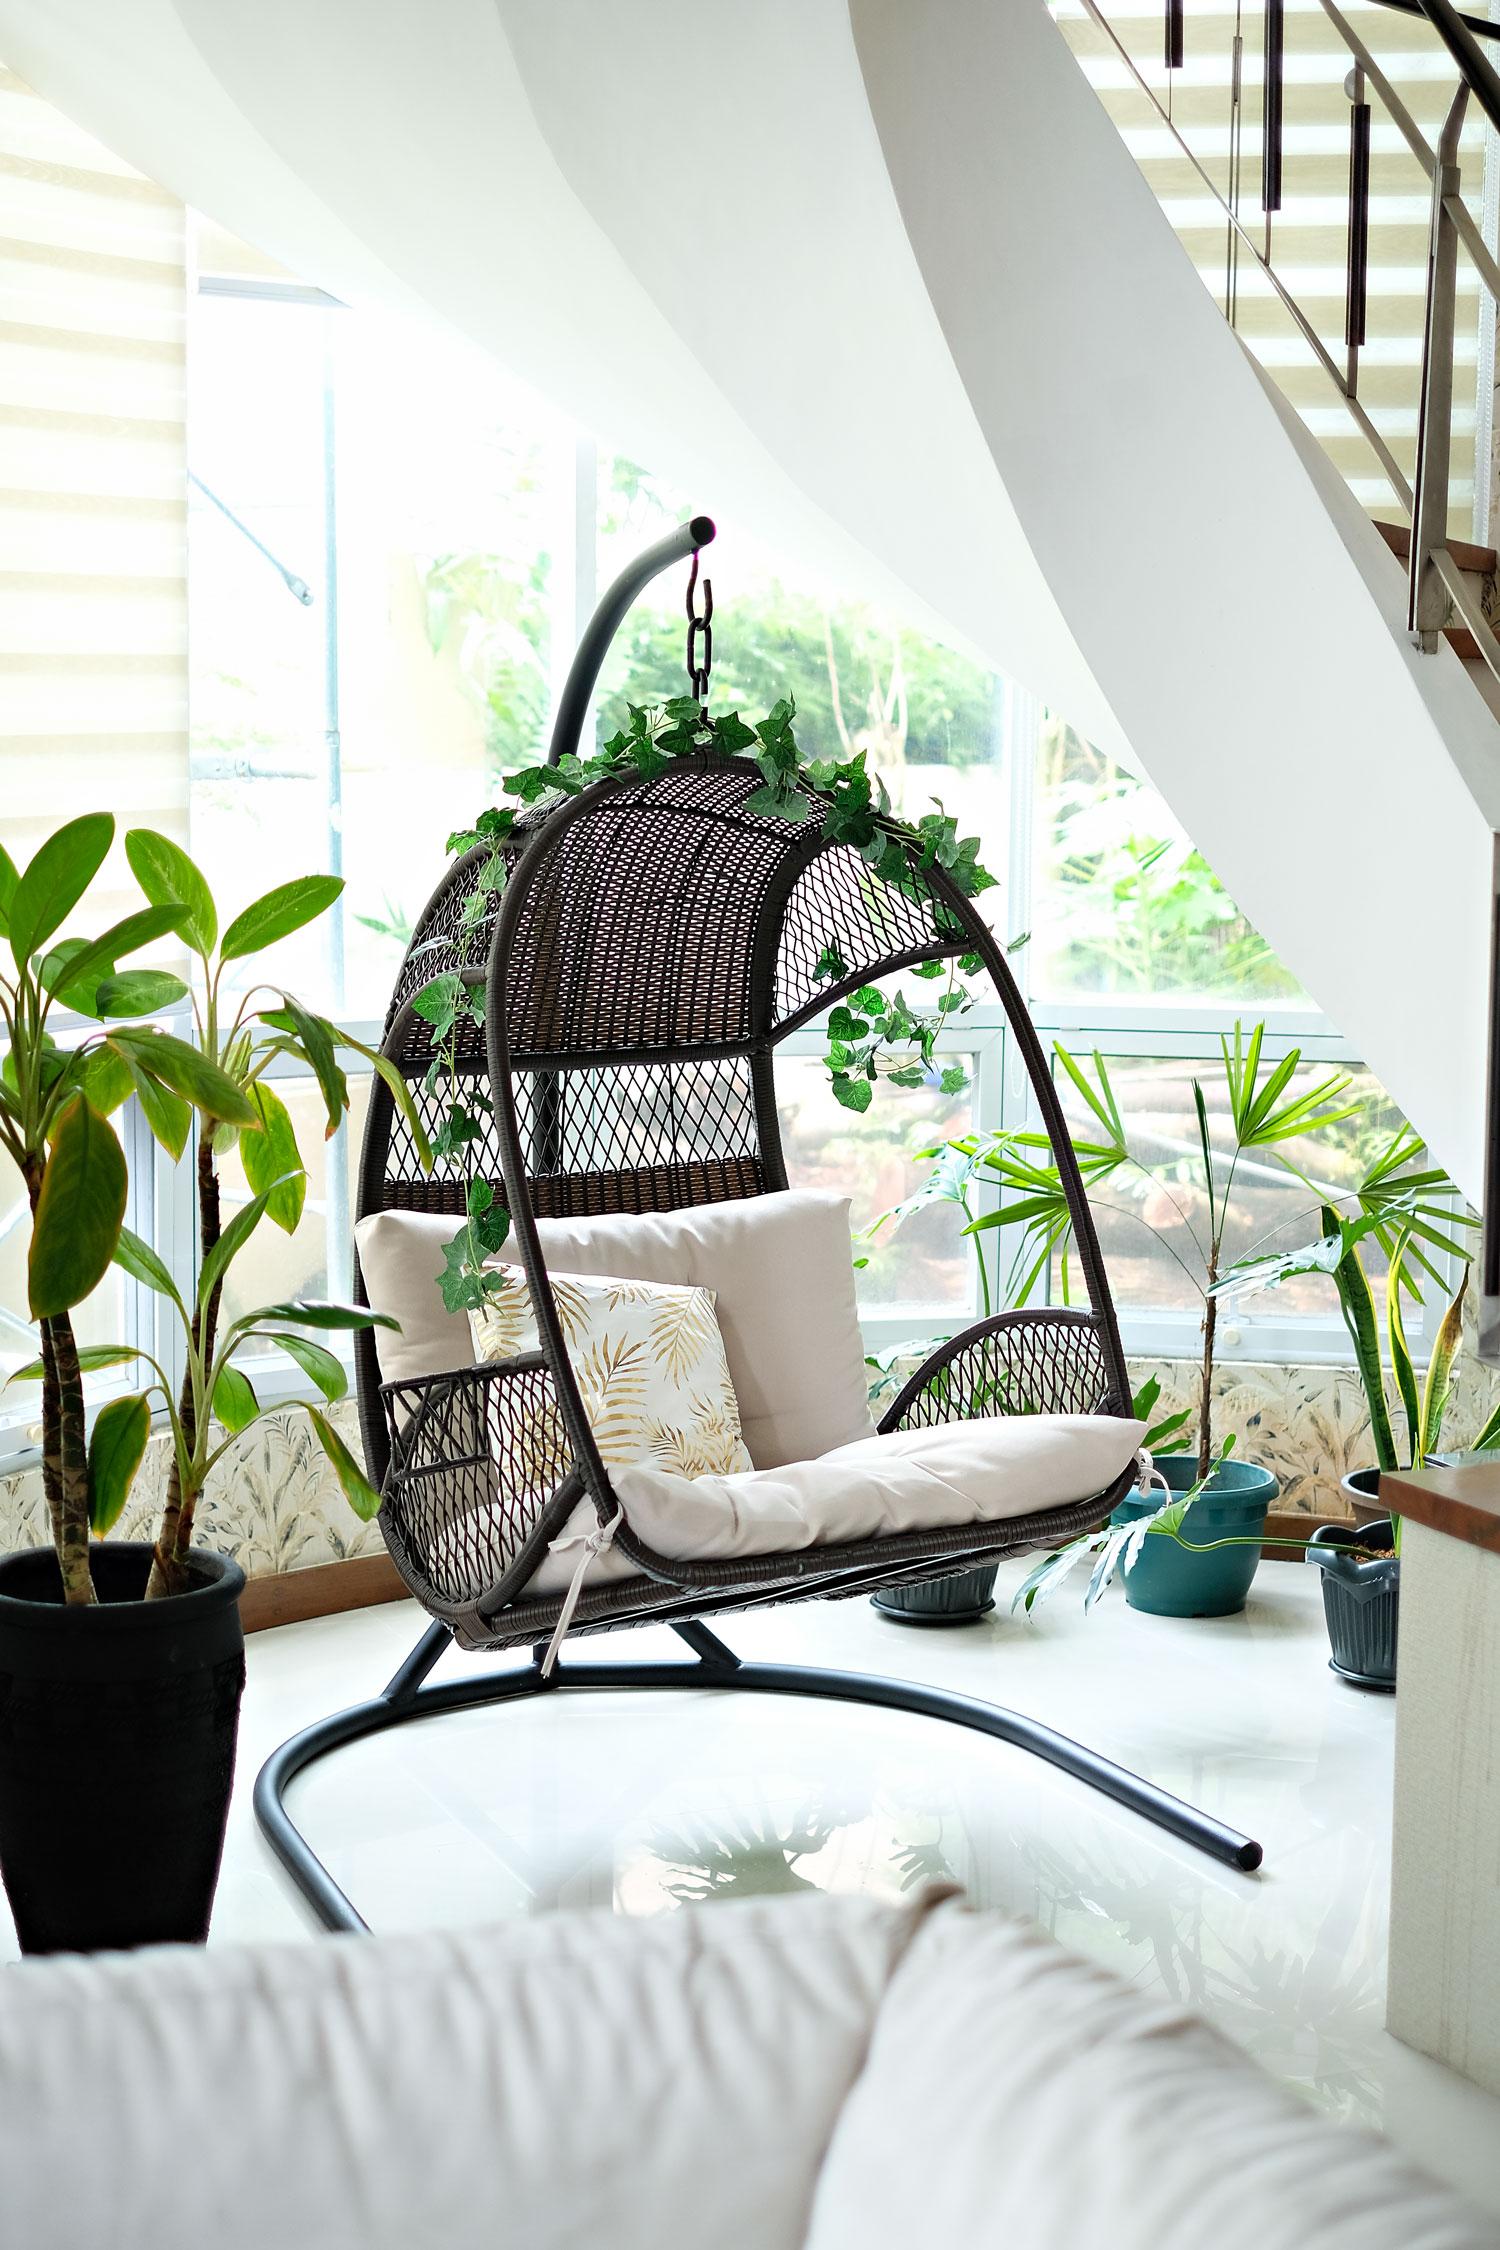 Atendido-living-room-3.jpg